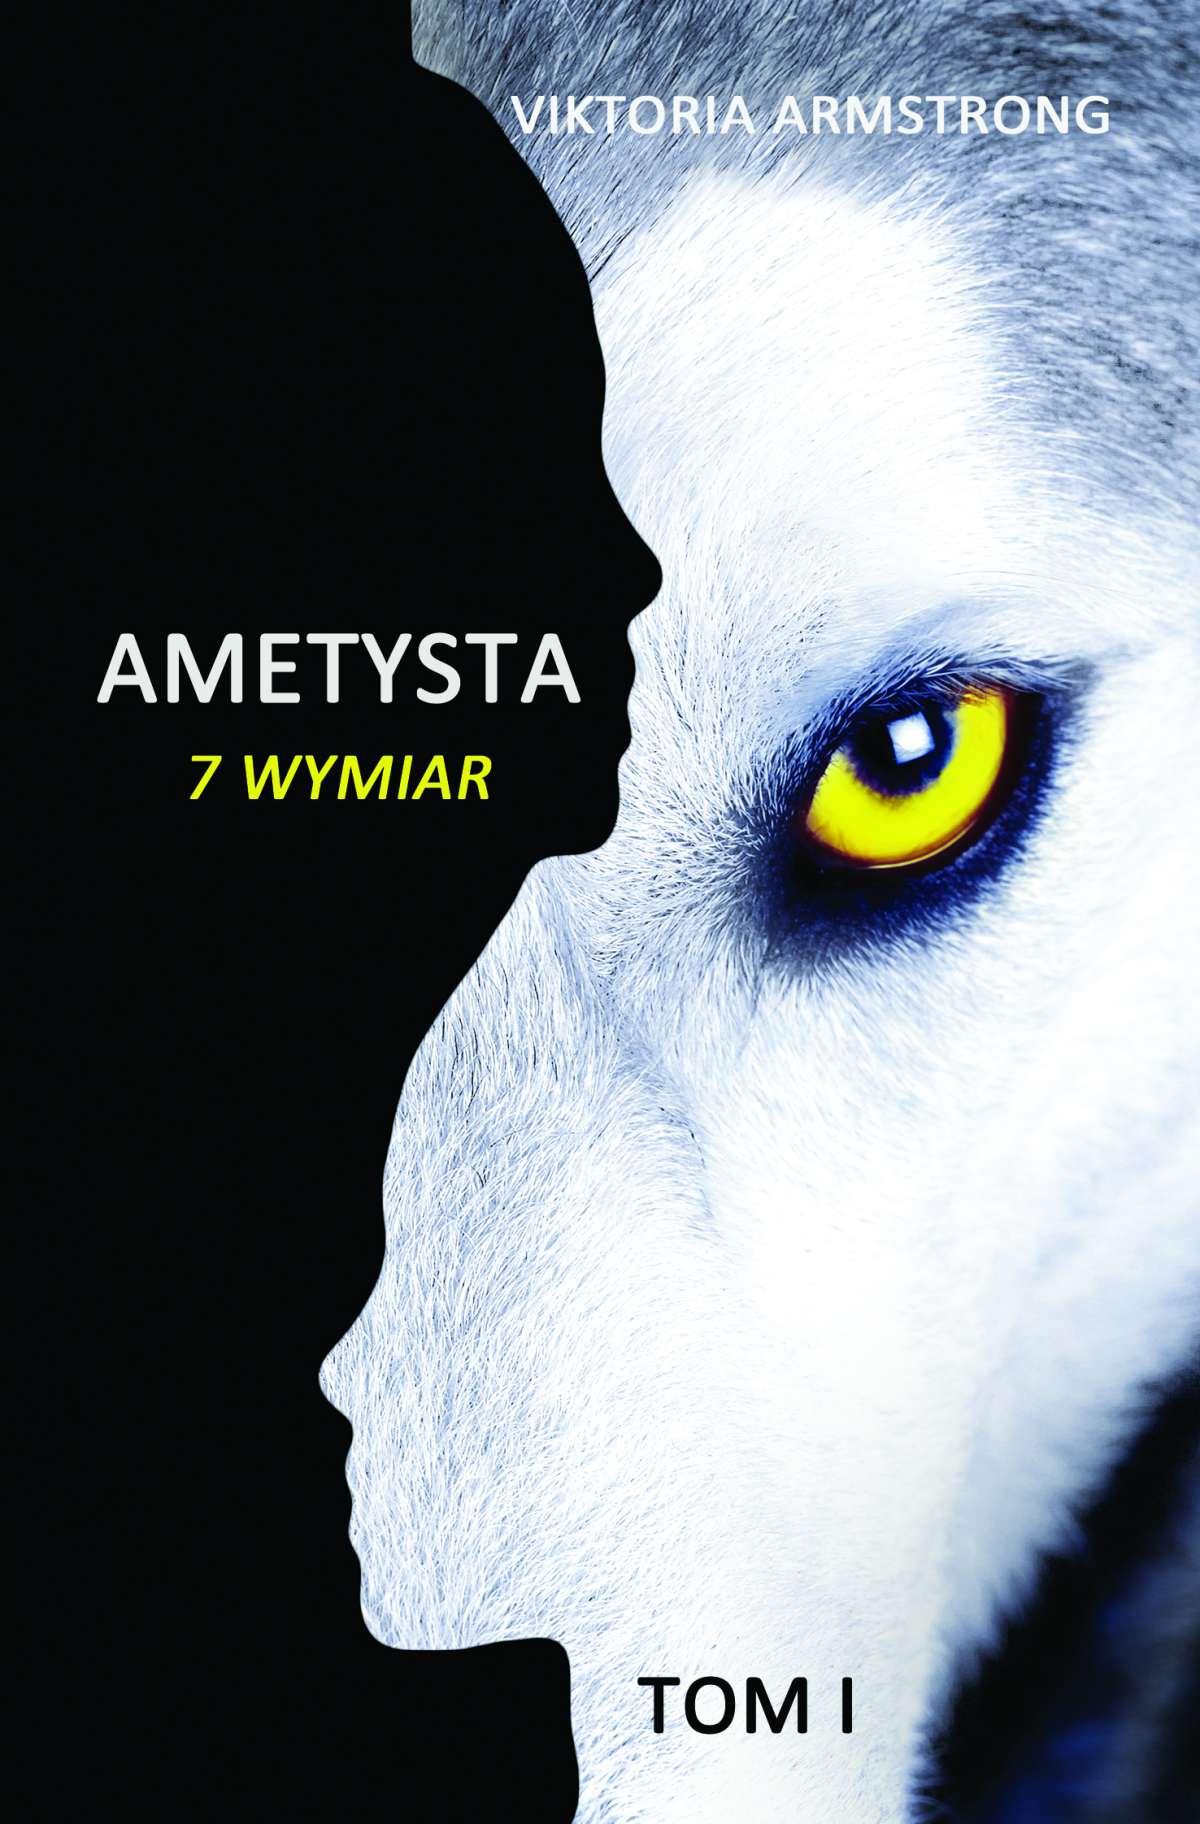 Ametysta 7 wymiar - Ebook (Książka EPUB) do pobrania w formacie EPUB